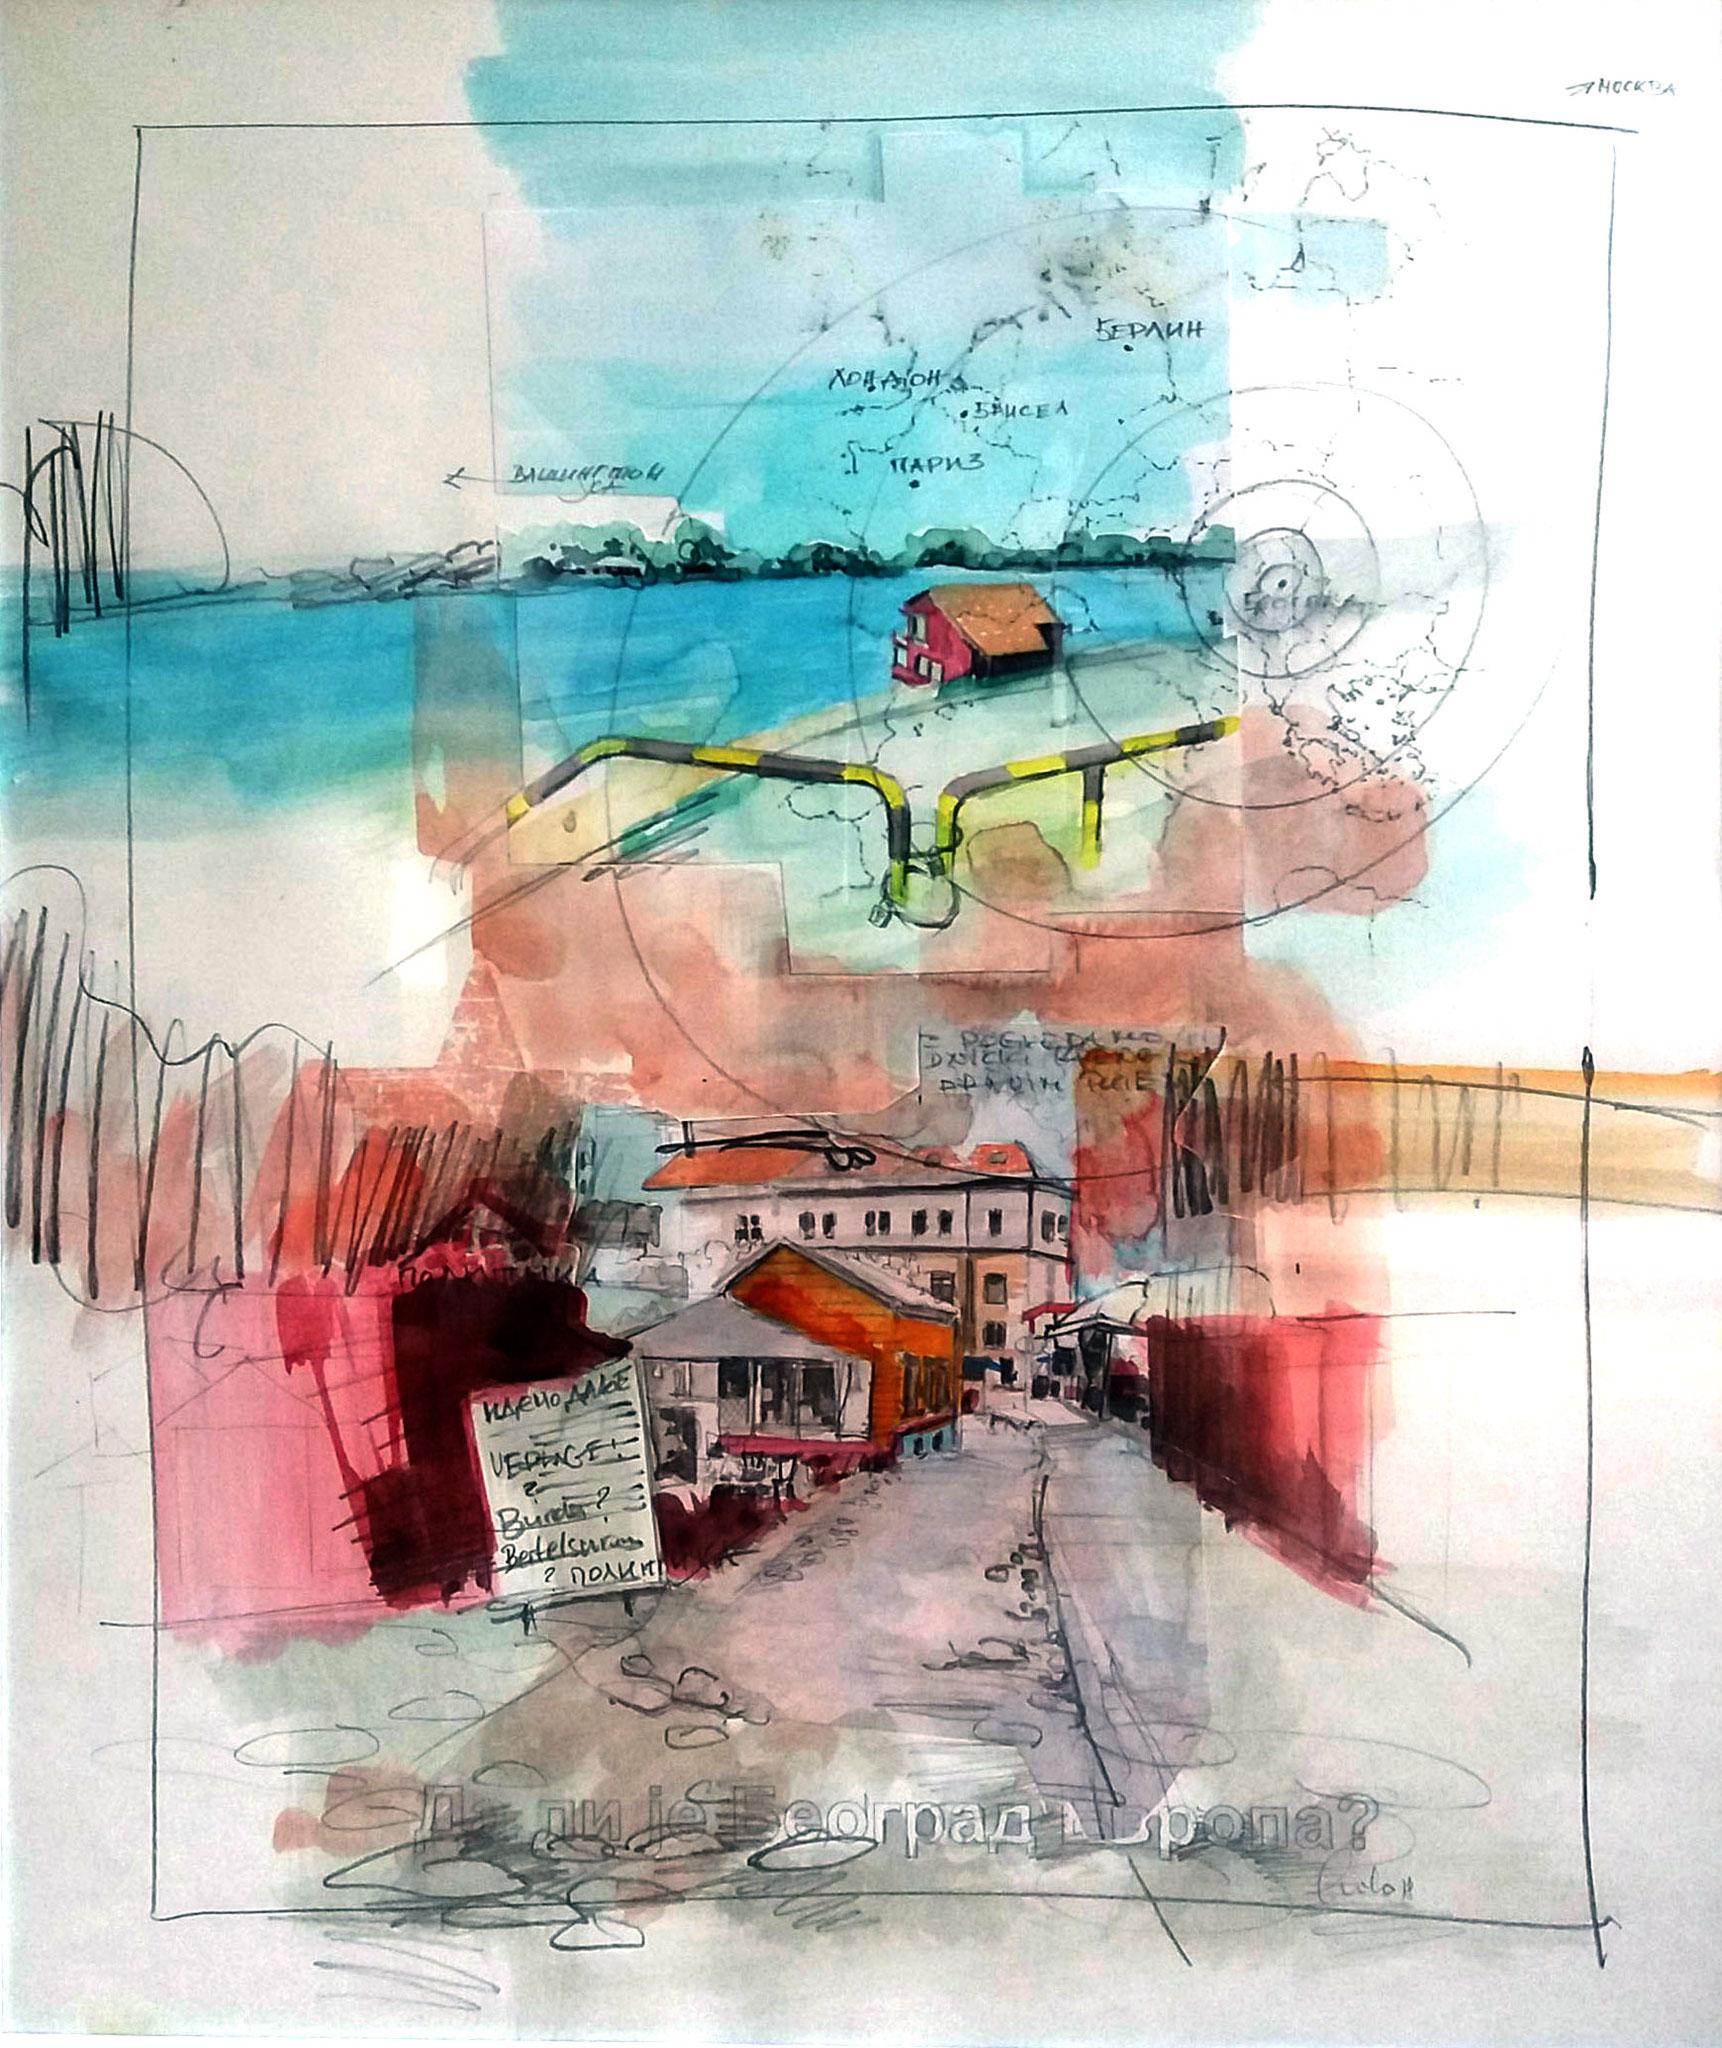 ohne Titel lll, Zeichnung, Mischtechnik auf Papier, 60 x 50